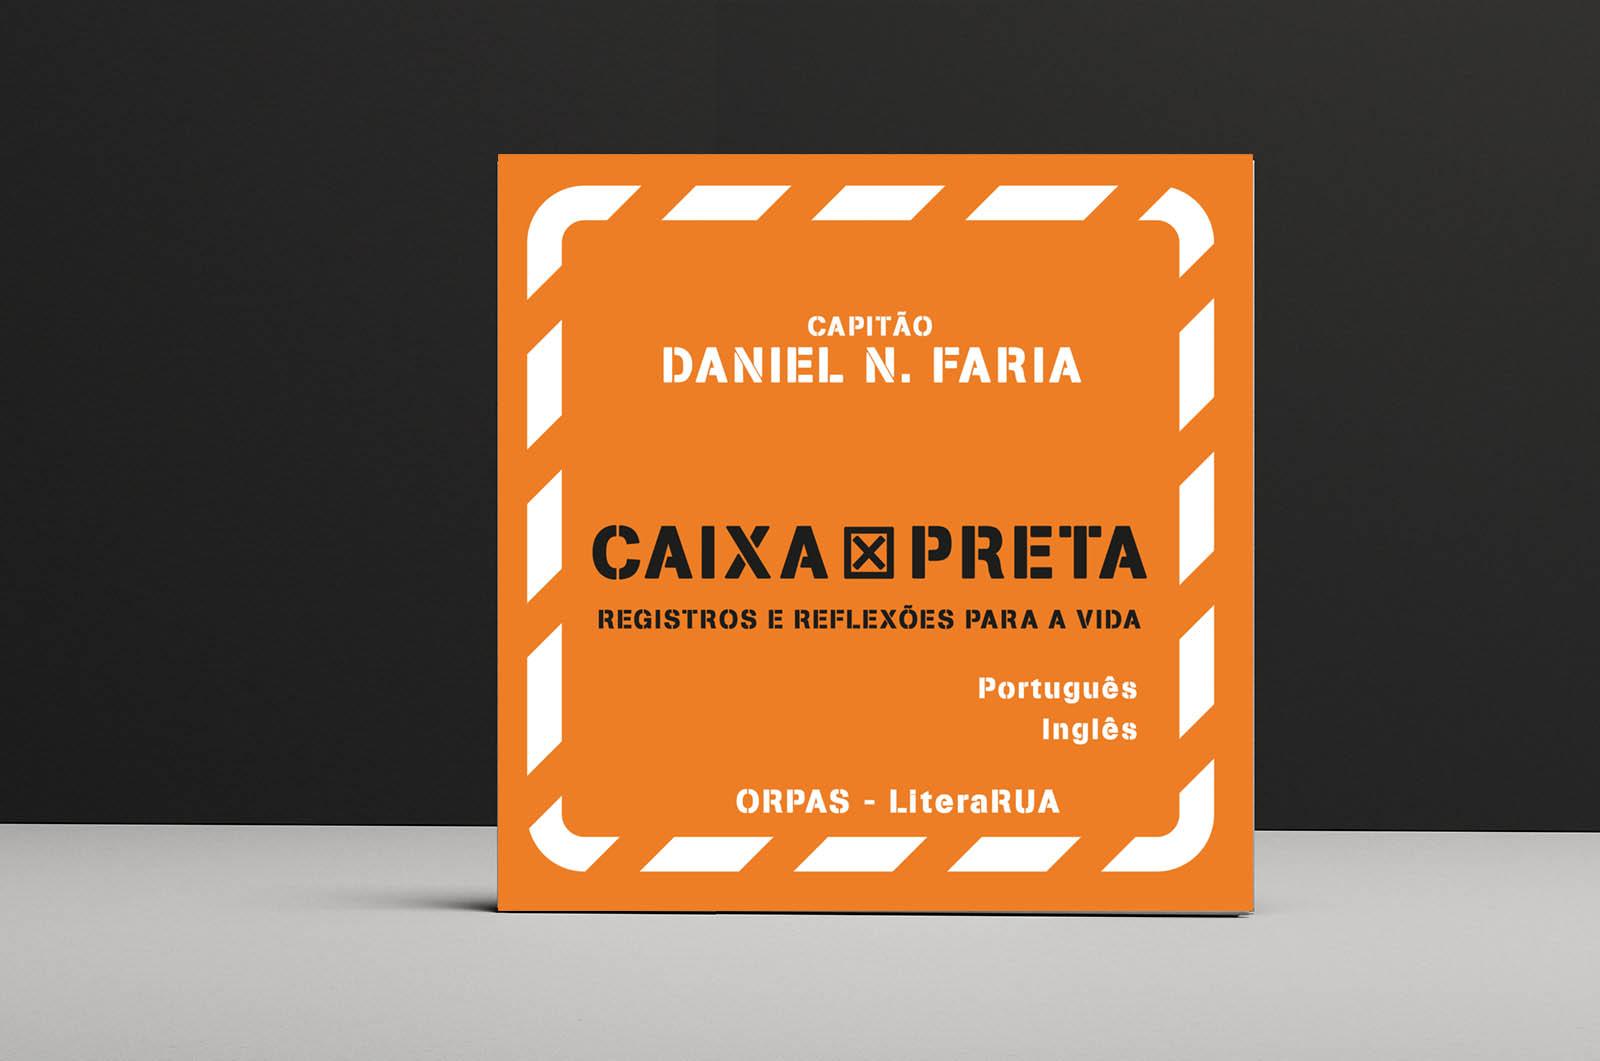 Caixa Preta - Registos e Reflexões para a Vida - Daniel N. Faria